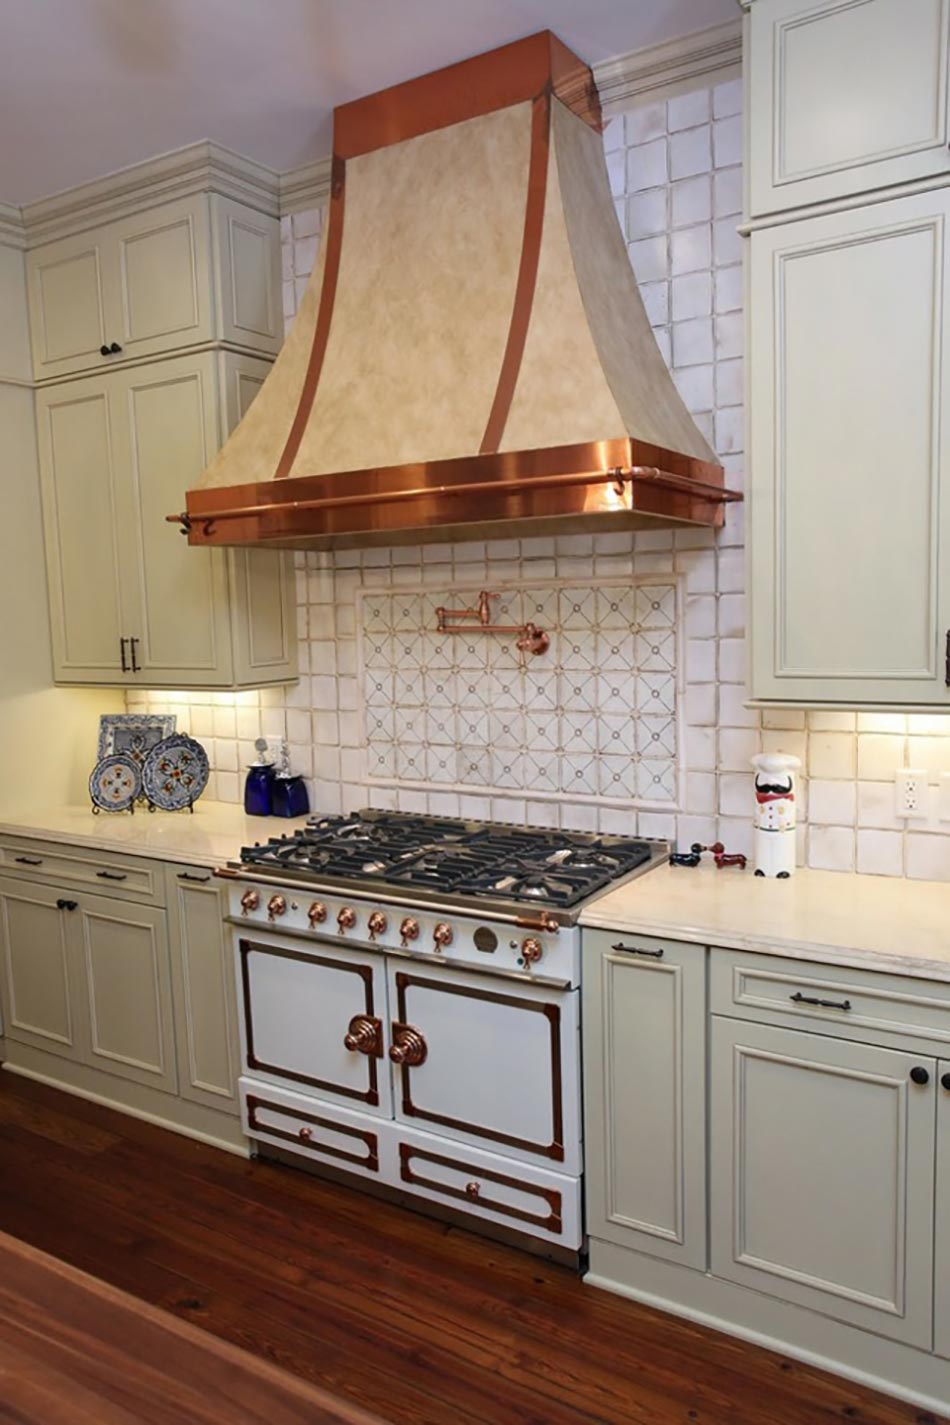 interieur maison rustique cuisine. Black Bedroom Furniture Sets. Home Design Ideas